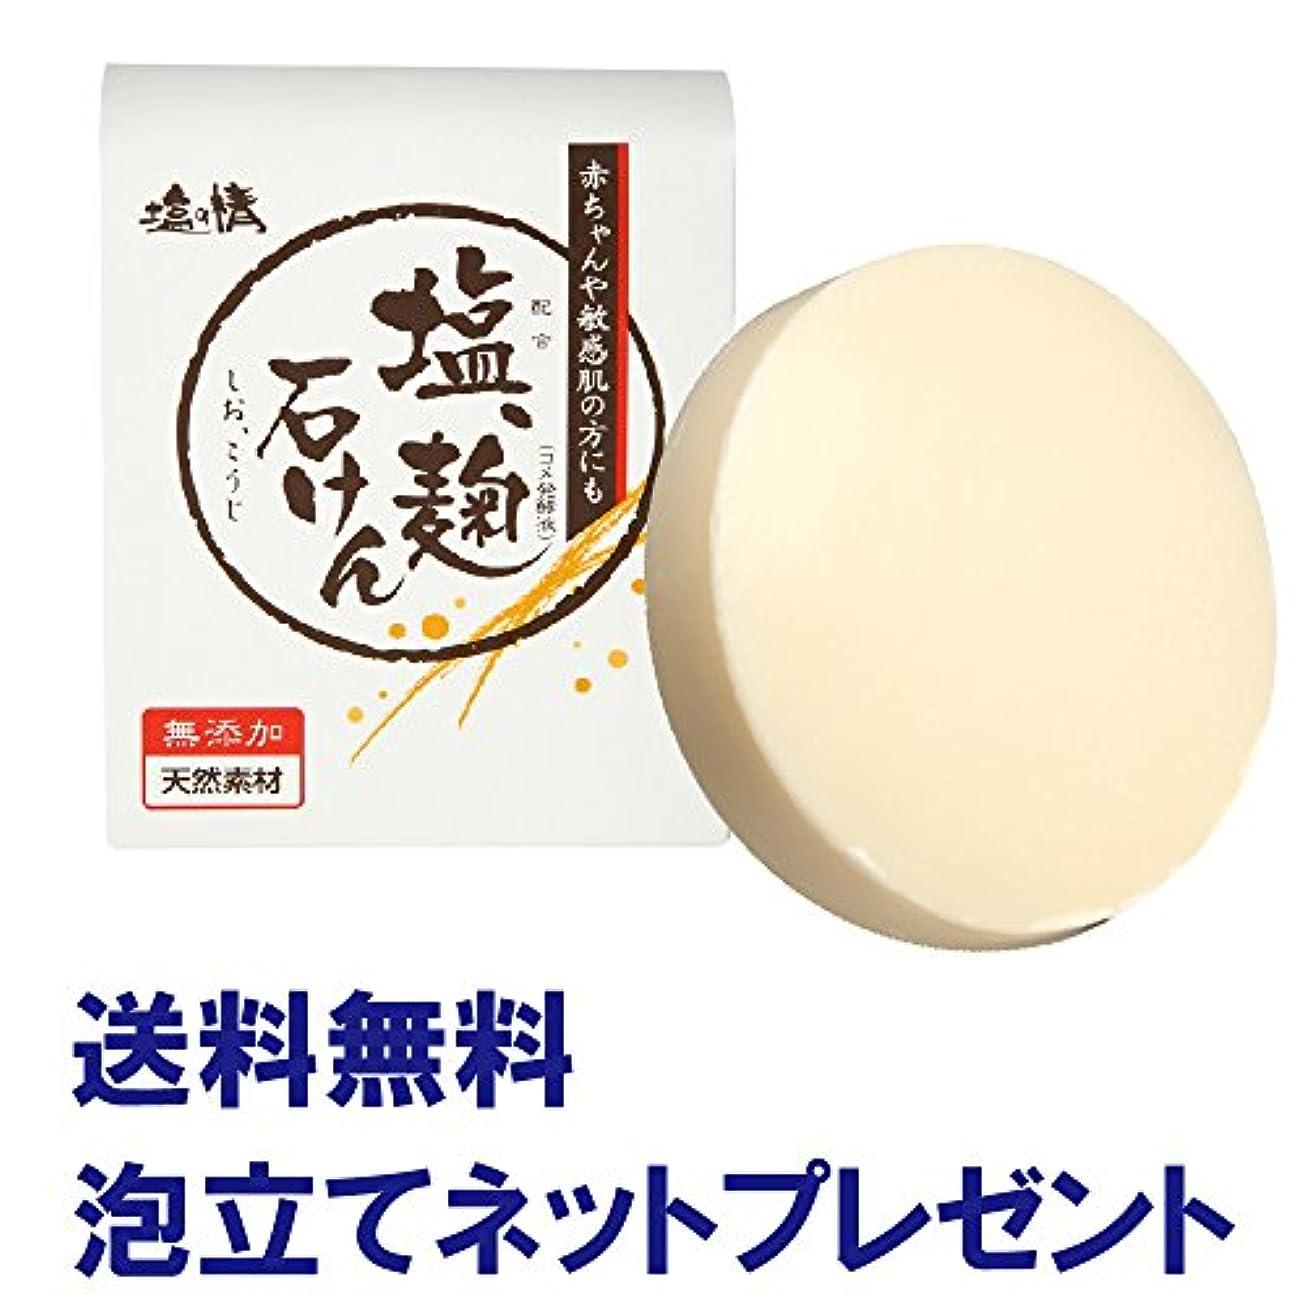 浮くチャネル成功するダイム 塩の精 無添加 塩、麹洗顔石鹸 80g 泡立てネットプレゼント